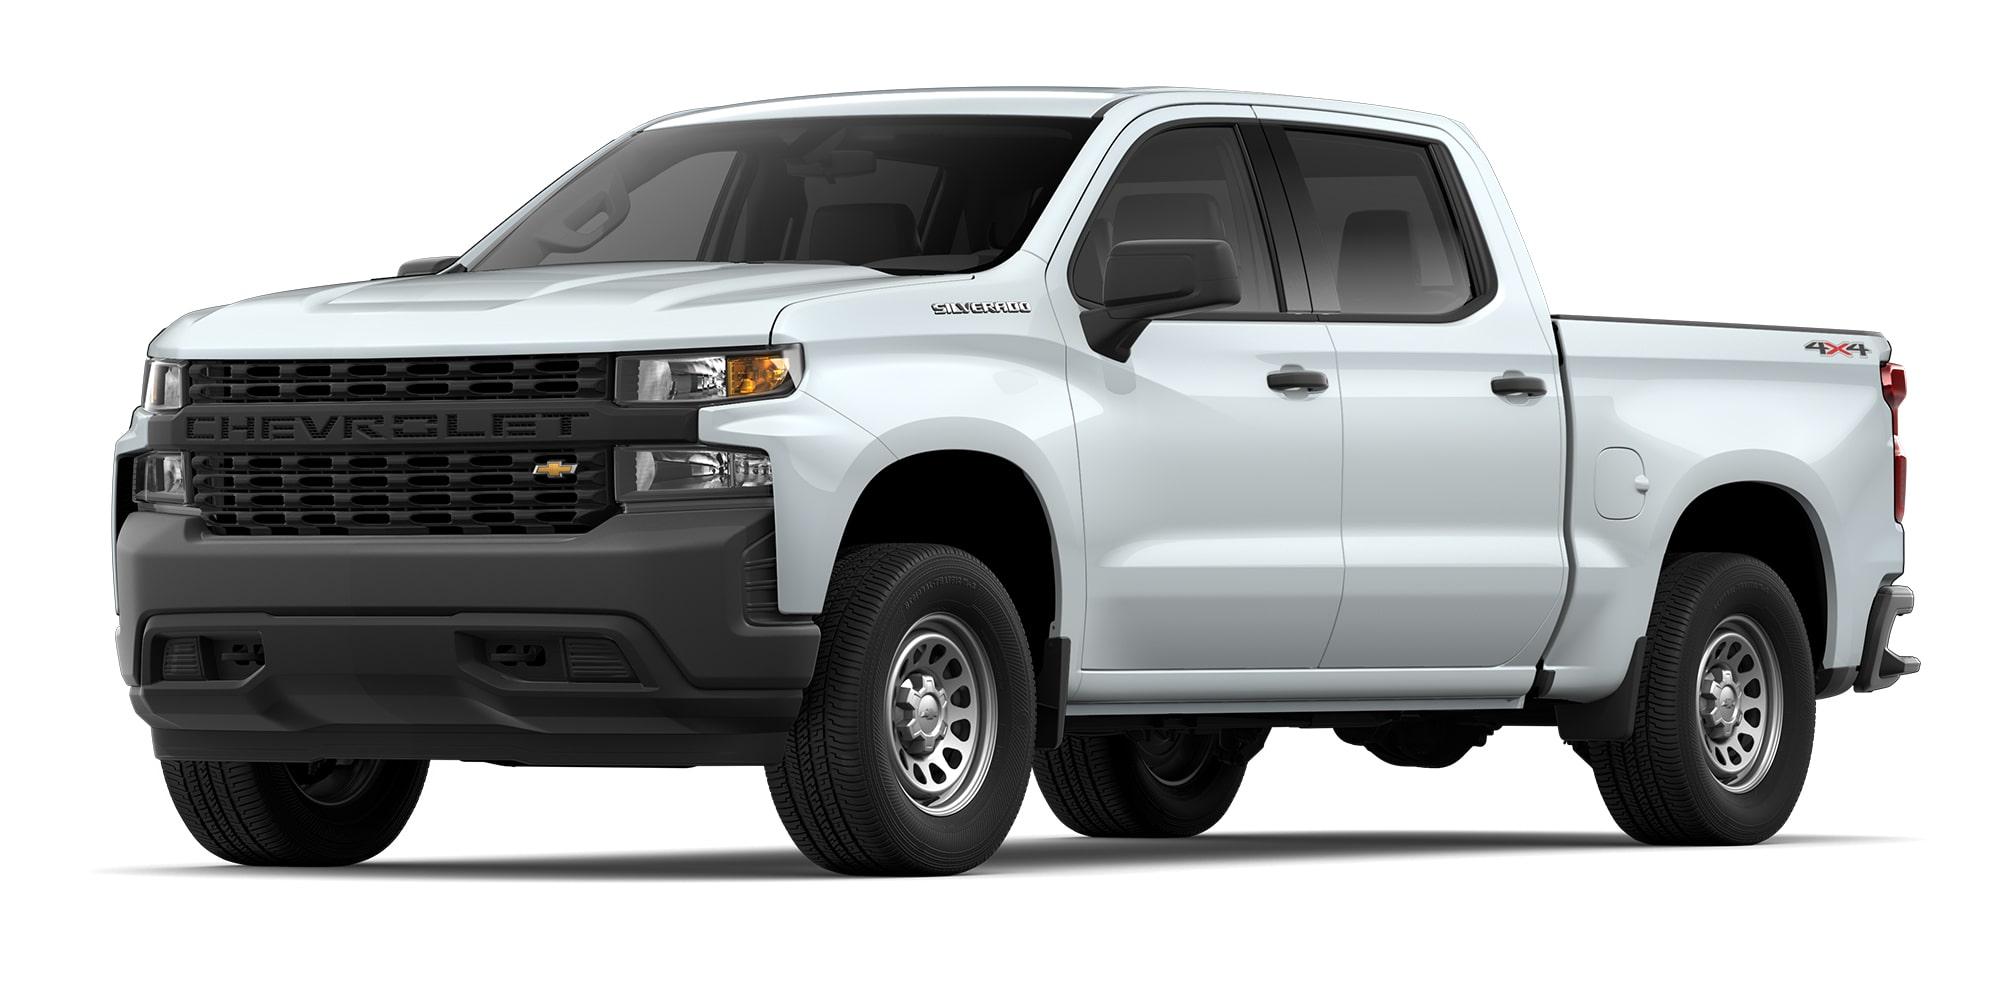 Chevrolet Silverado 2021 color blanco versión doble cabina con atracción de 4X4